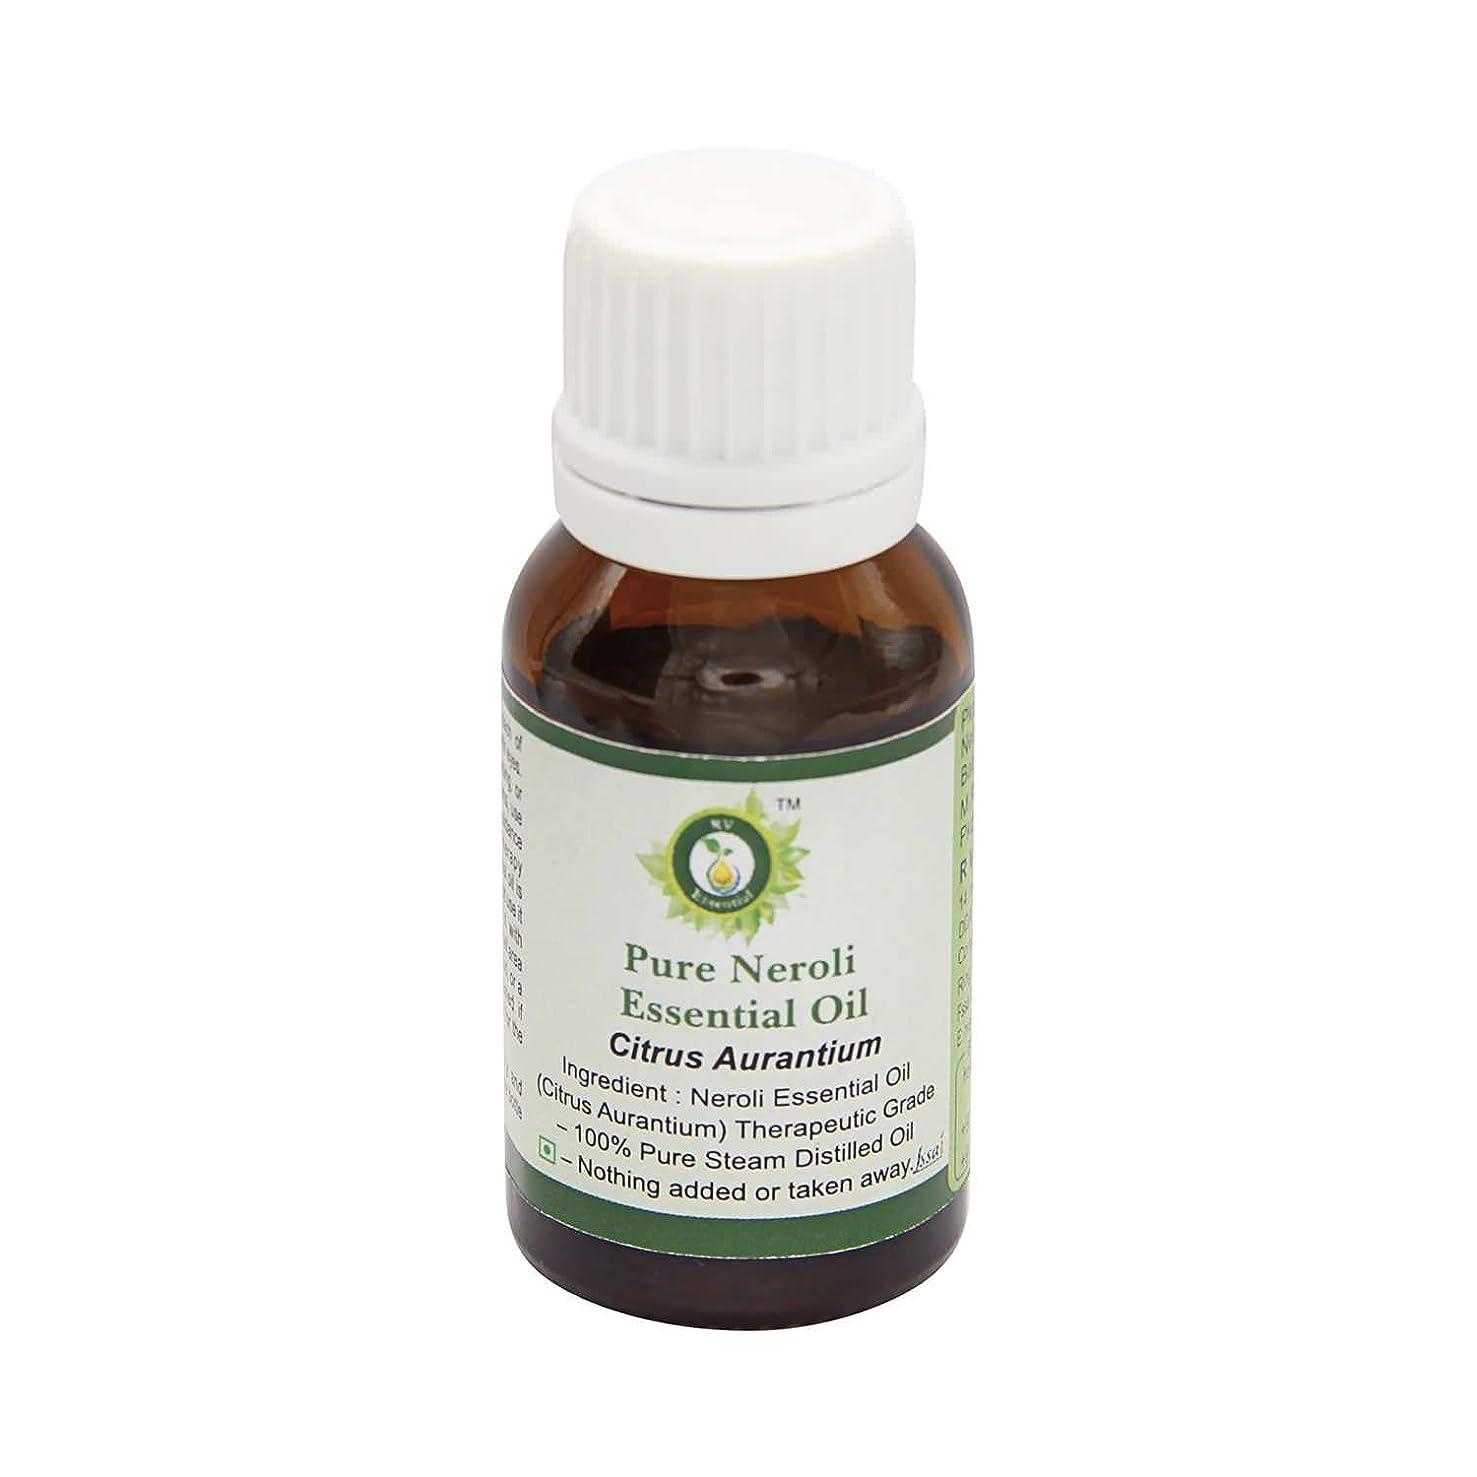 フルーツ野菜ソース添付R V Essential ピュアネロリエッセンシャルオイル15ml (0.507oz)- Citrus Aurantium (100%純粋&天然スチームDistilled) Pure Neroli Essential Oil